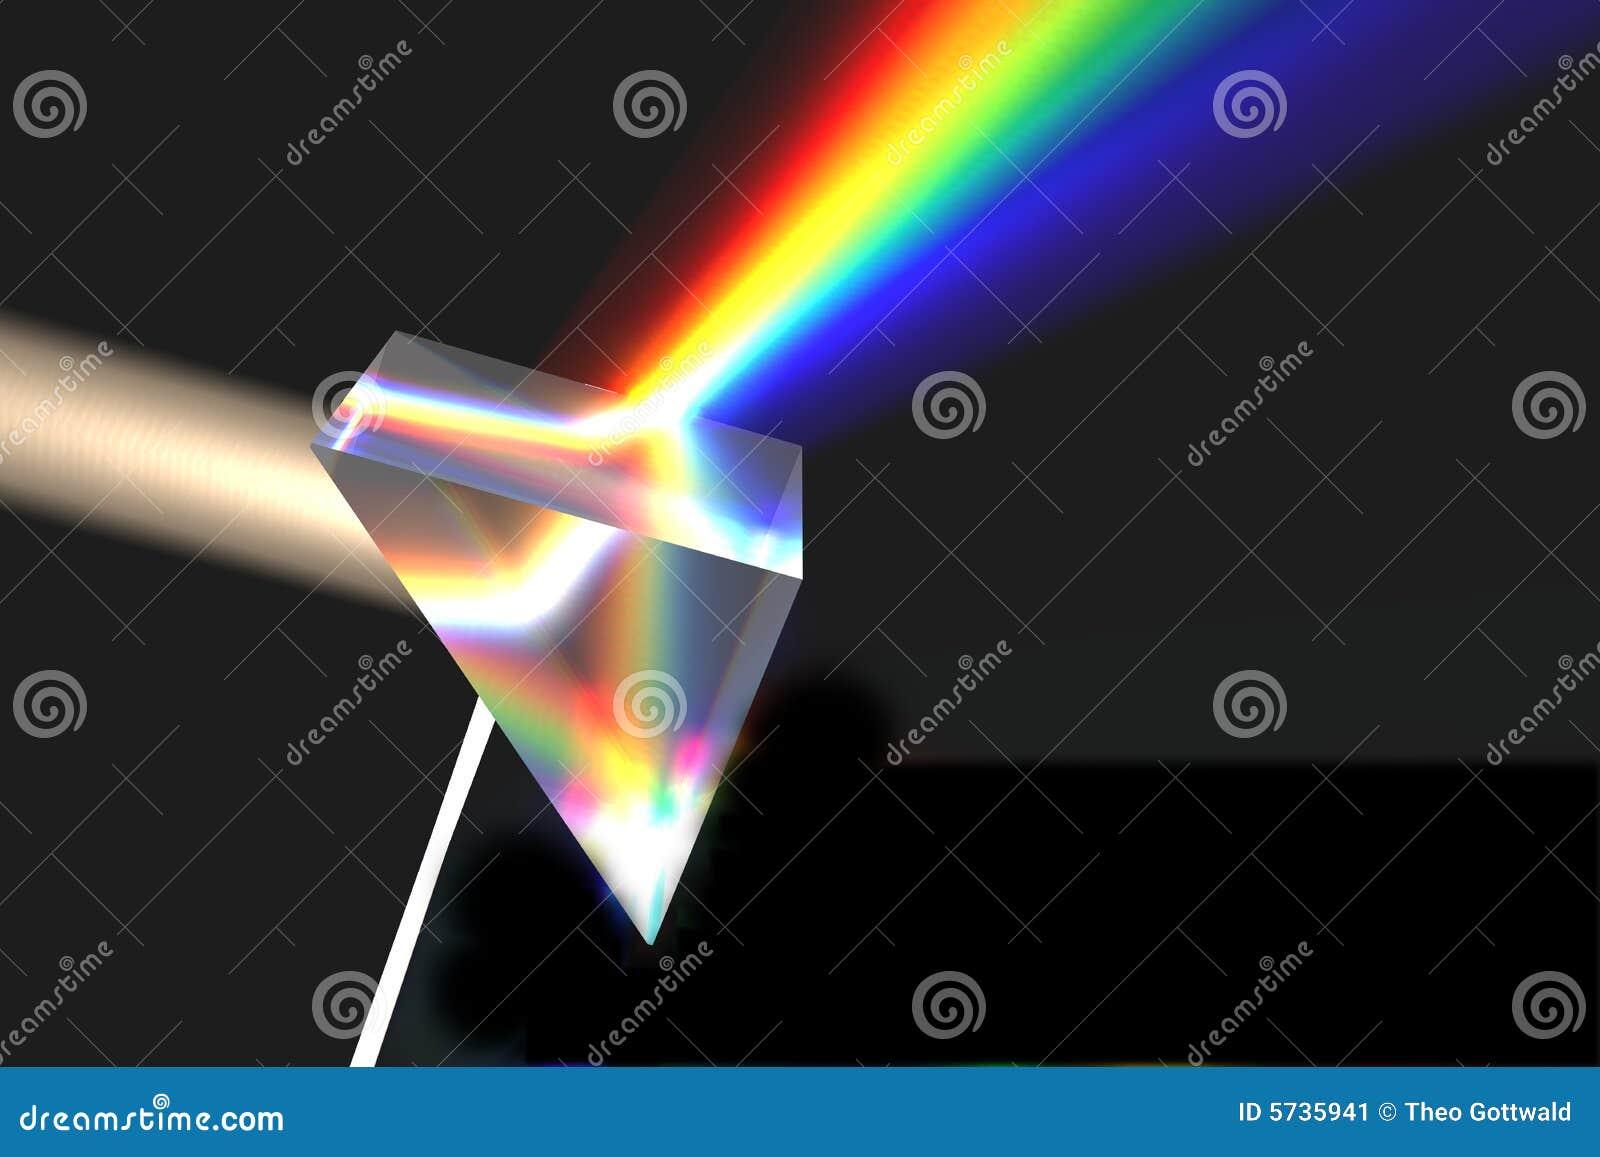 Prism on black